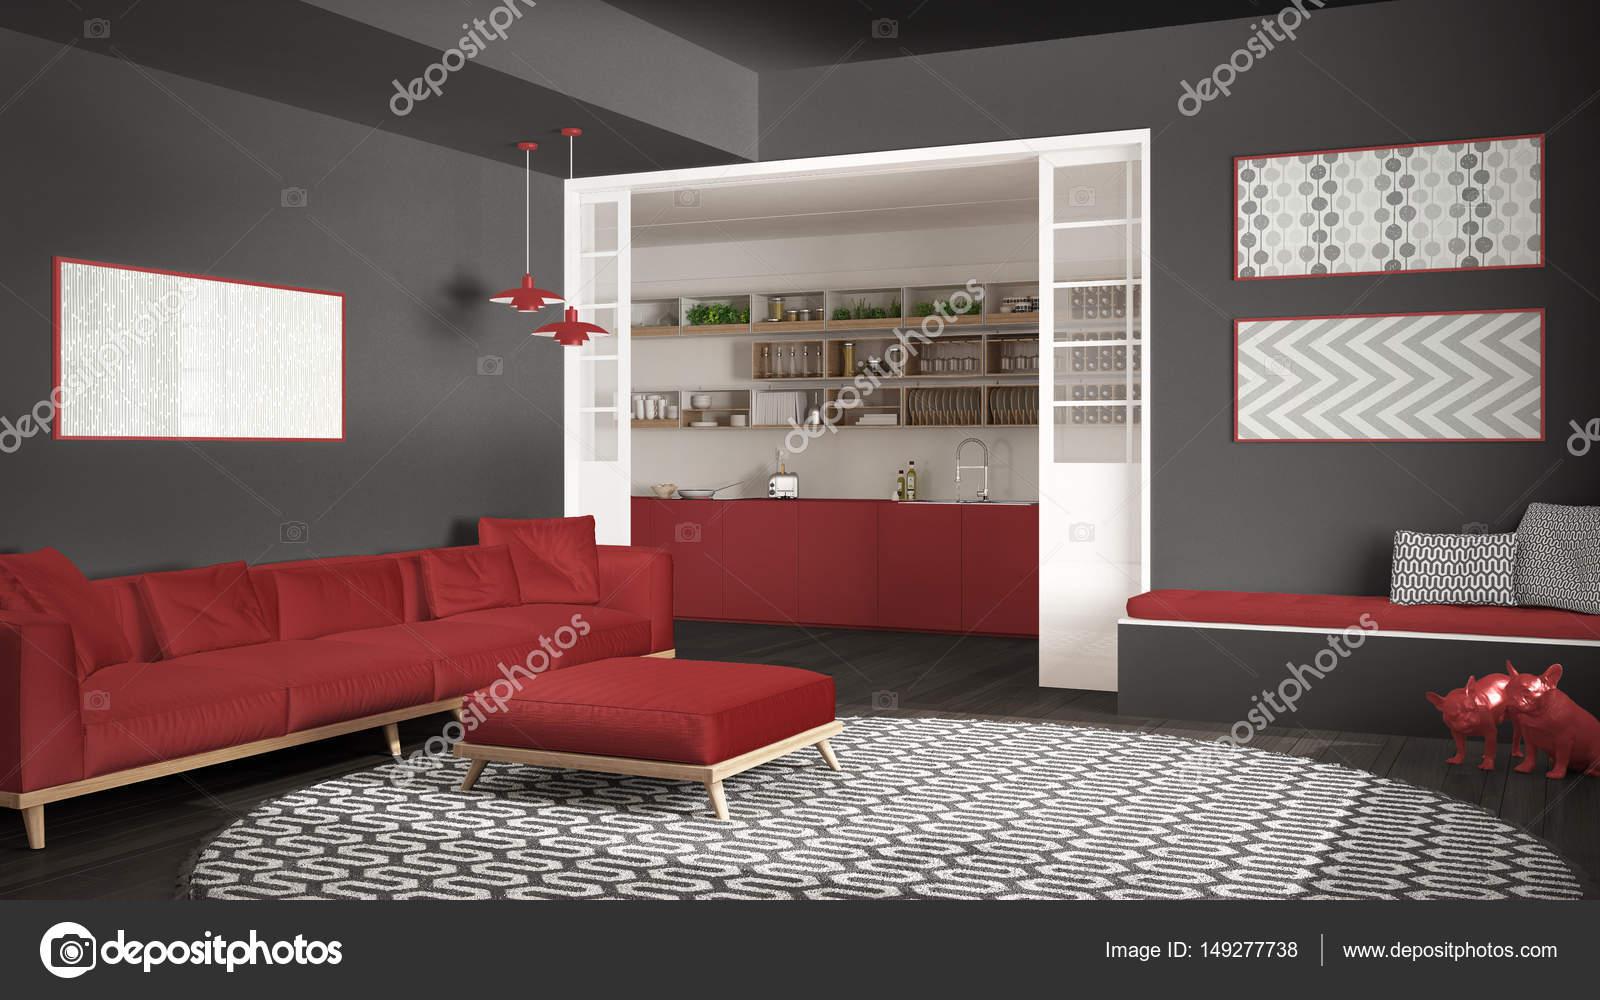 Minimalista De Sala De Estar Com Sof Grande Redondo Tapete E Cozinha No  Fundo Cinza E Vermelho Moderno Interior Design U Foto De Archiviz With  Tapete Para ...